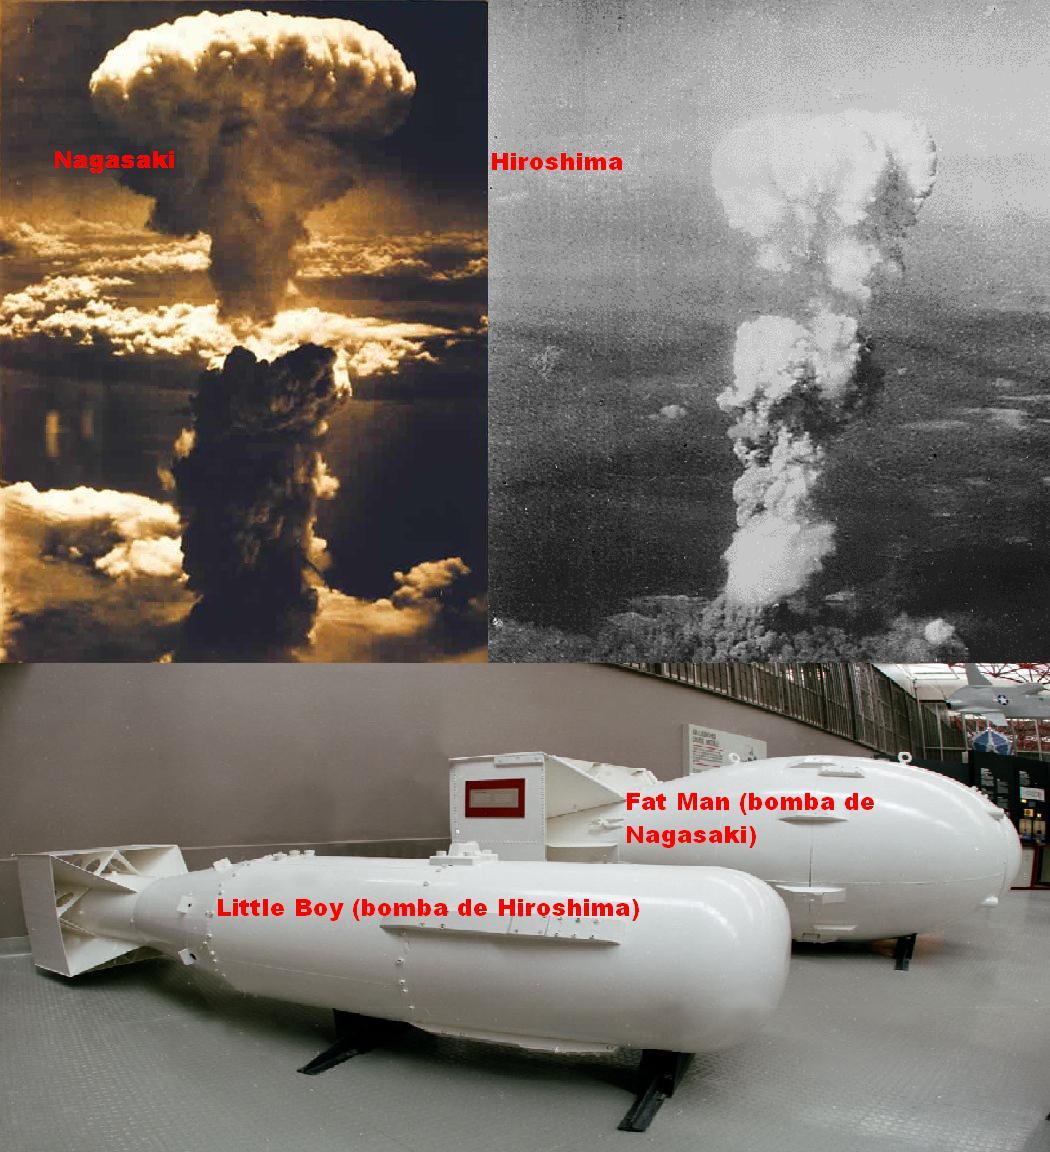 Бомба для Хиросимы и для Нагасаки